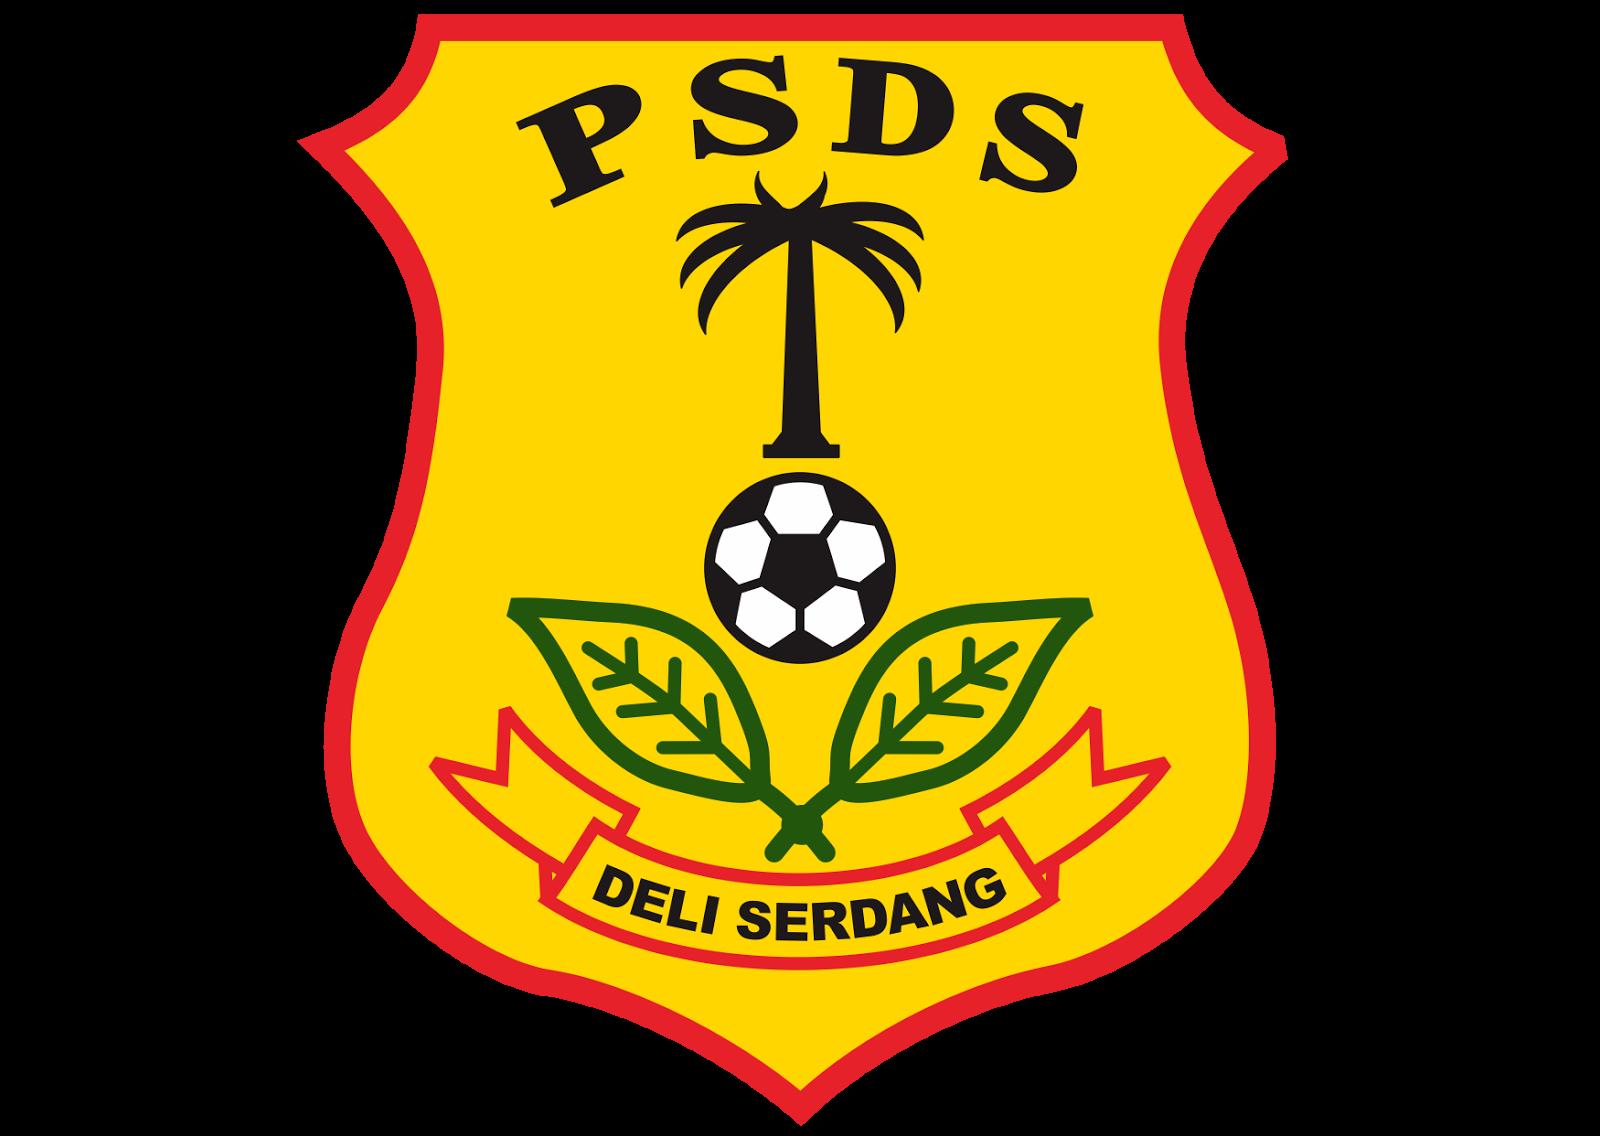 PSDS Deli Serdang Logo Vector~ Format Cdr, Ai, Eps, Svg, PDF, PNG